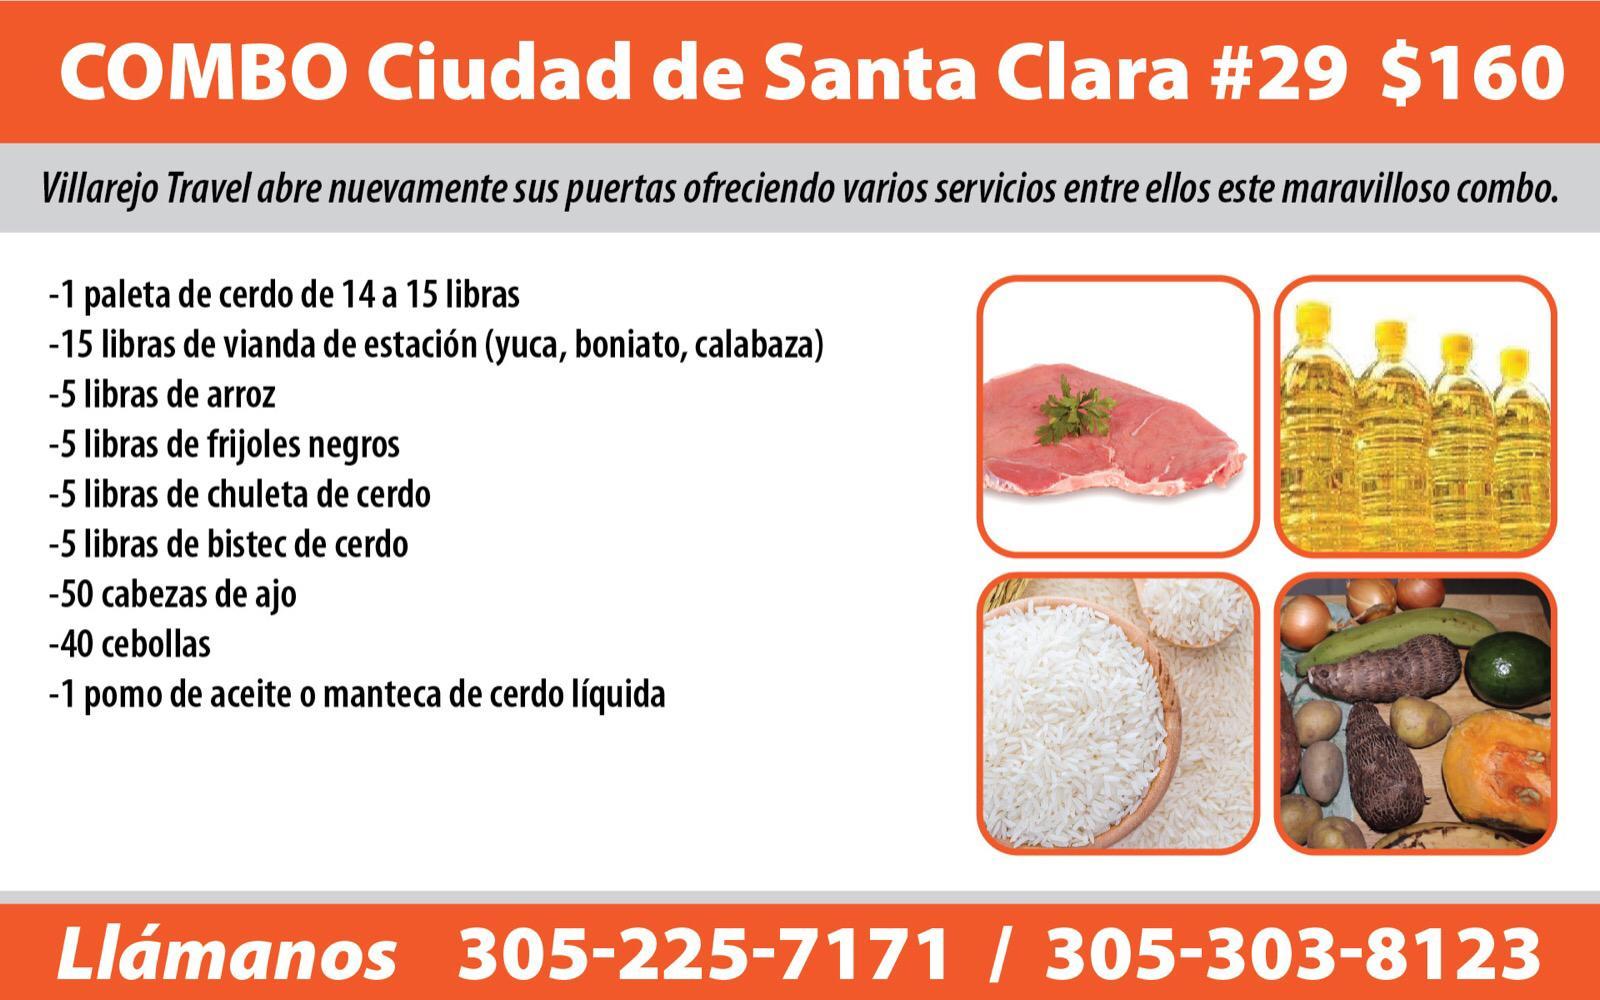 Combo #29 Ciudad de Santa Clara y Cienfuegos